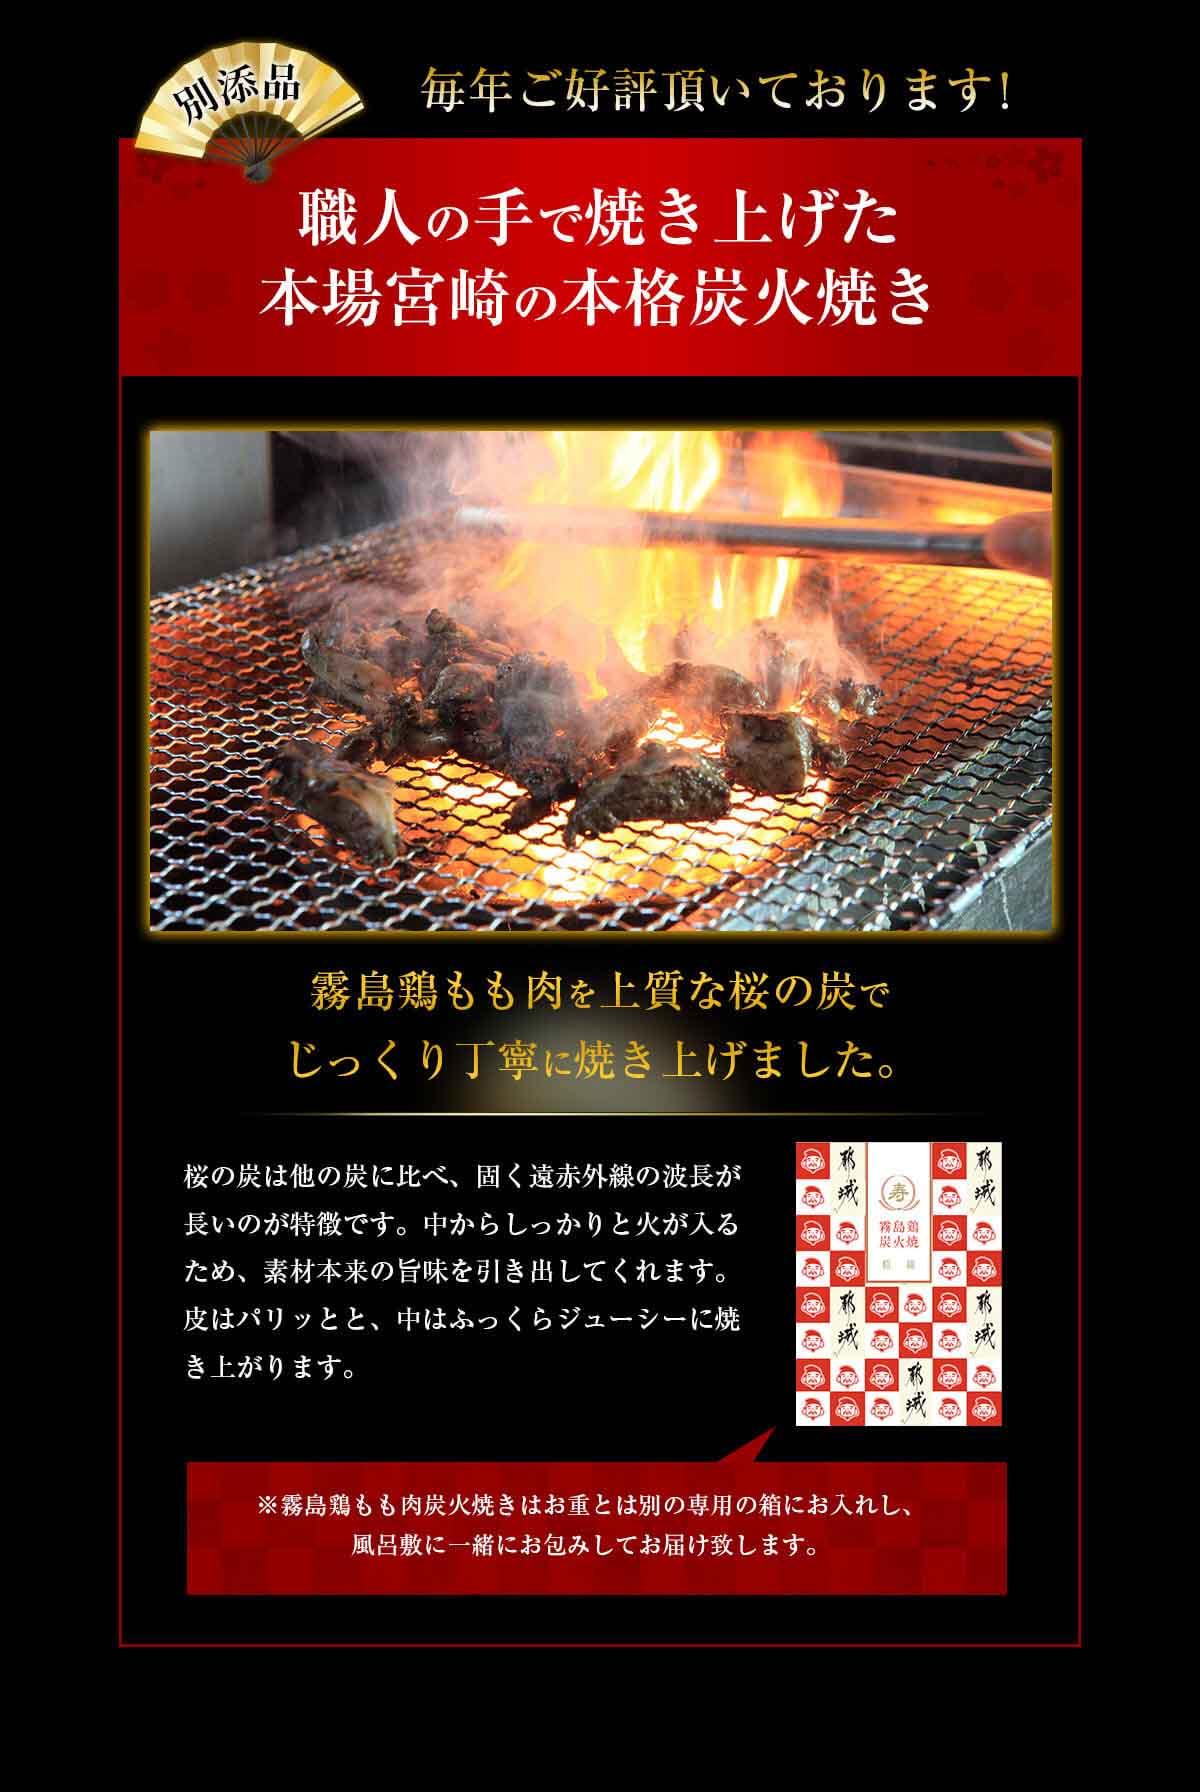 職人の手で焼き上げた本場宮崎の本格炭火焼